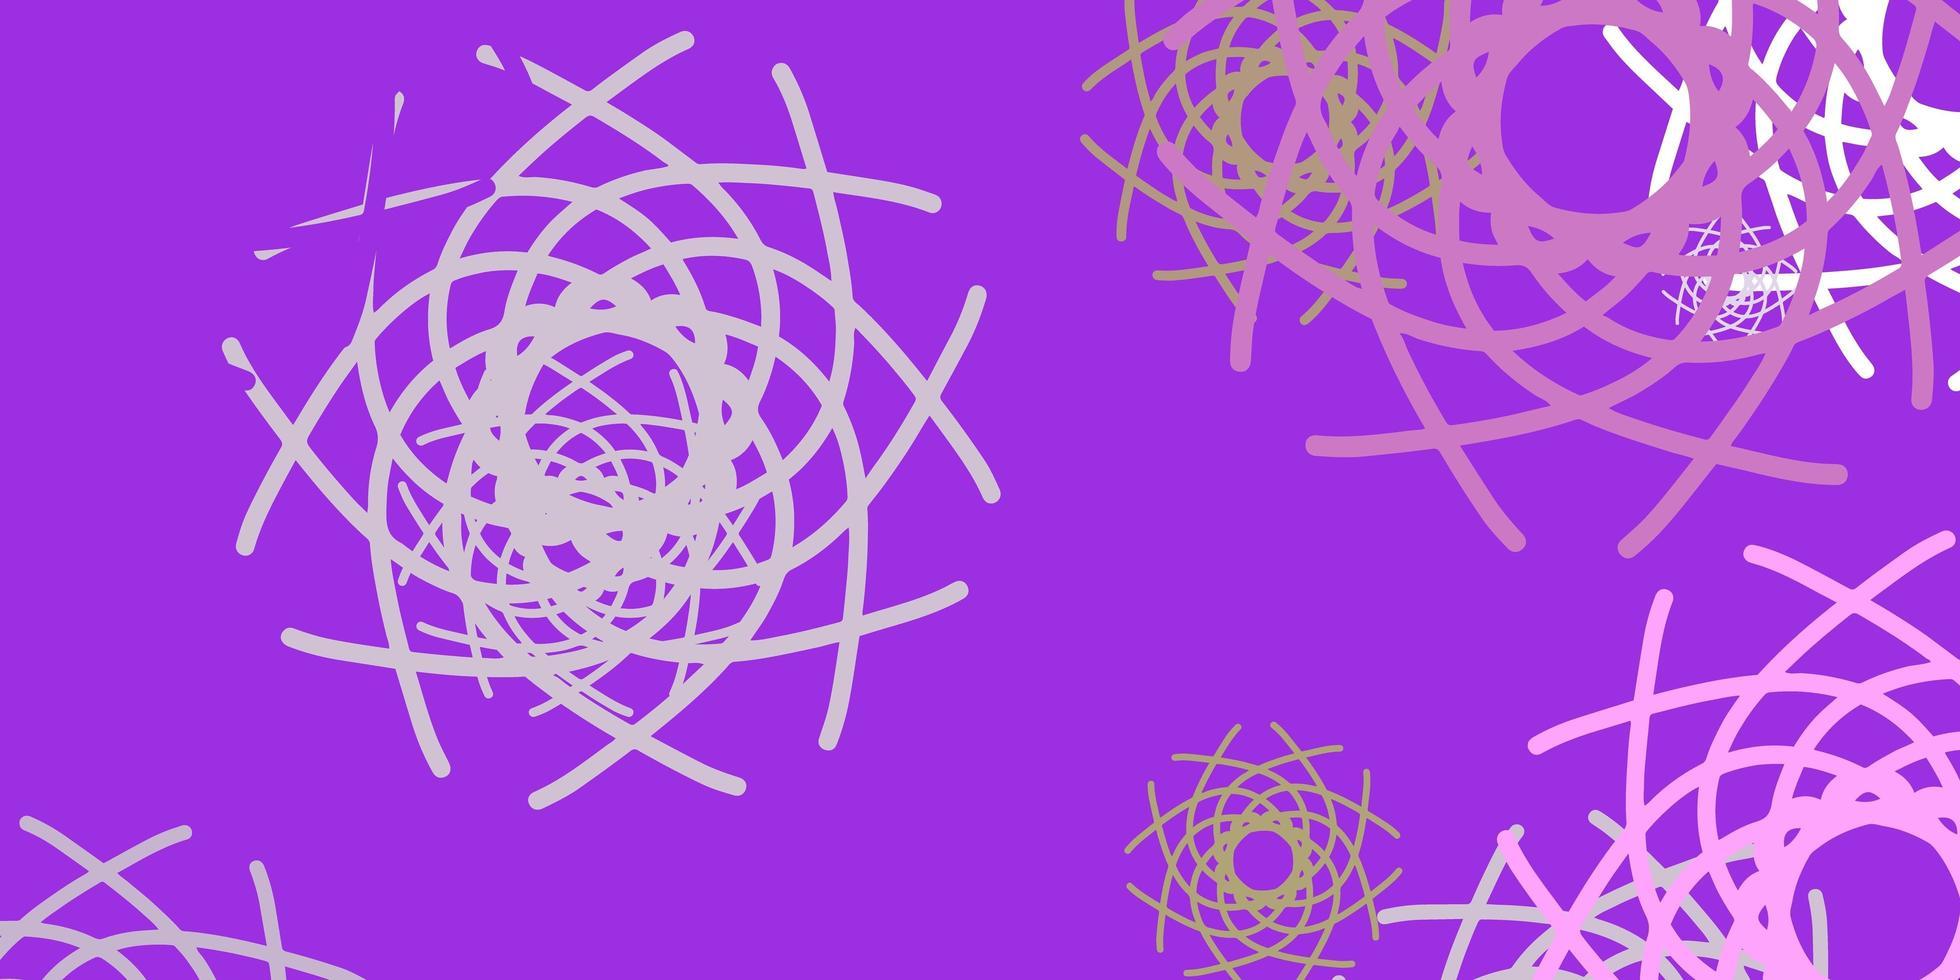 hellrosa, grüner Vektorhintergrund mit zufälligen Formen. vektor